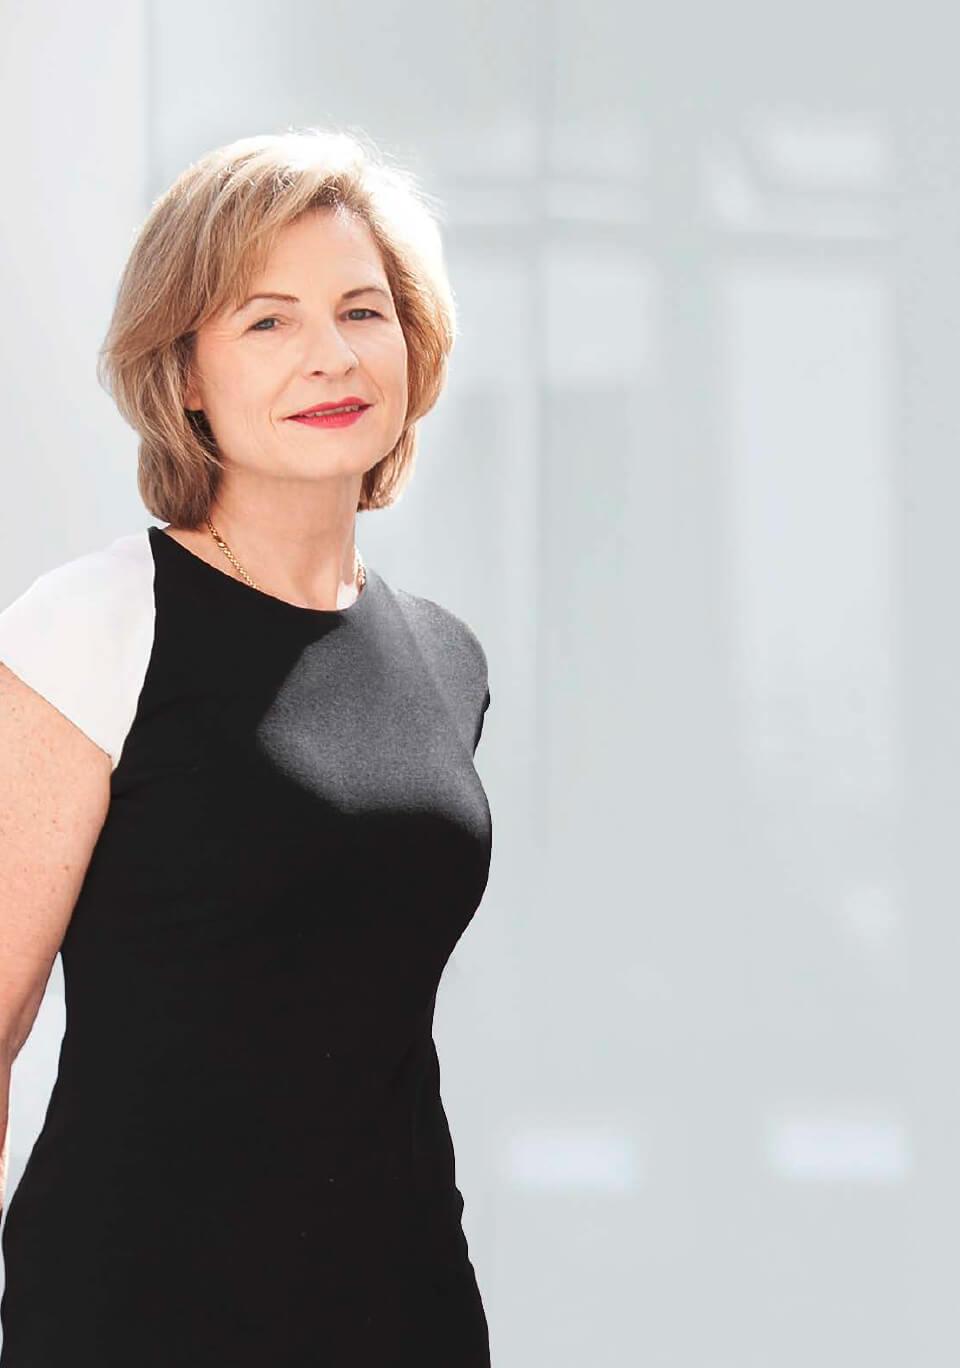 Karin M. Klossek